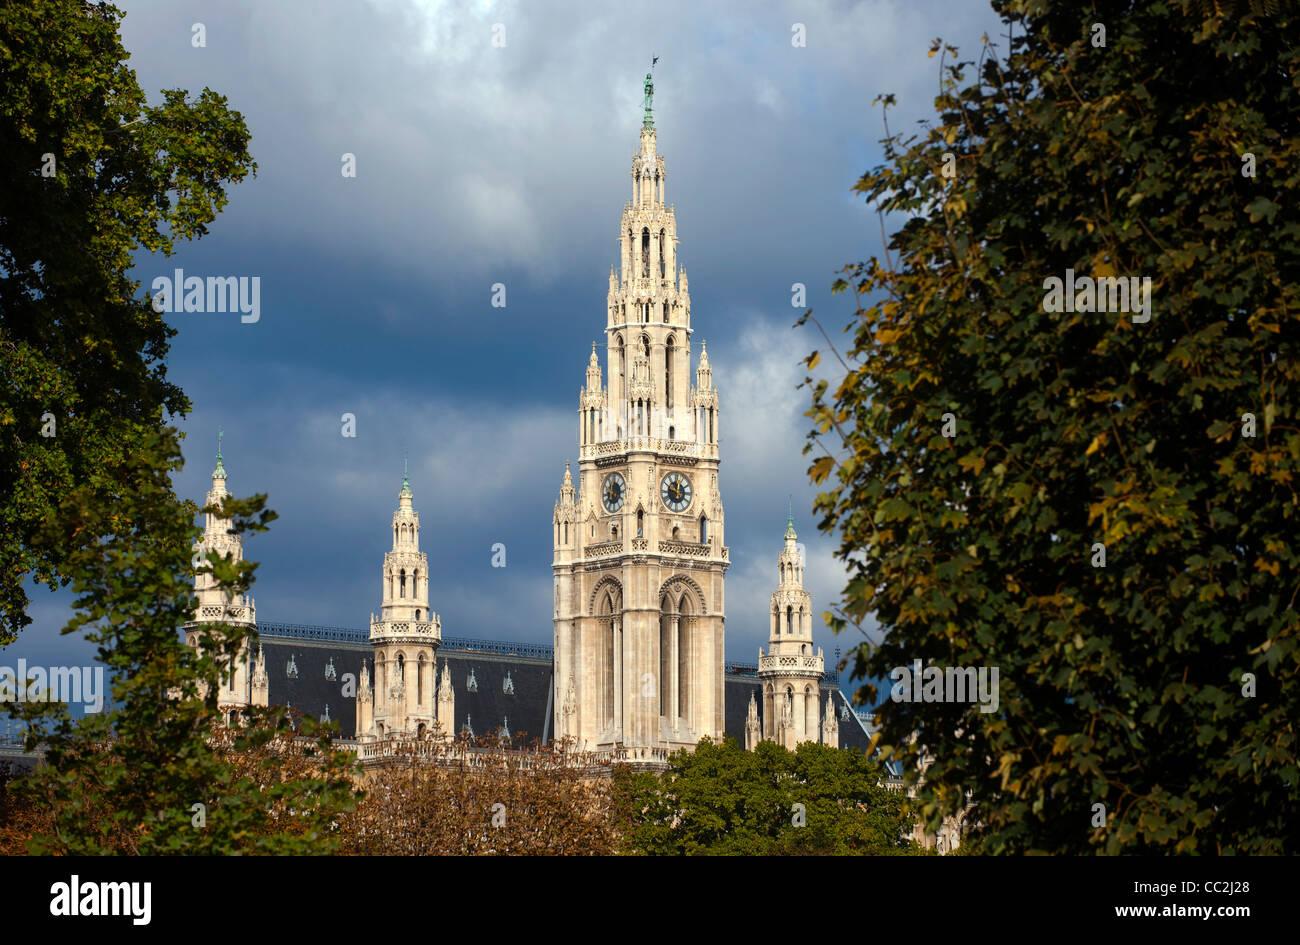 Österreich, Wien, das neugotische Rathaus - Stock Image